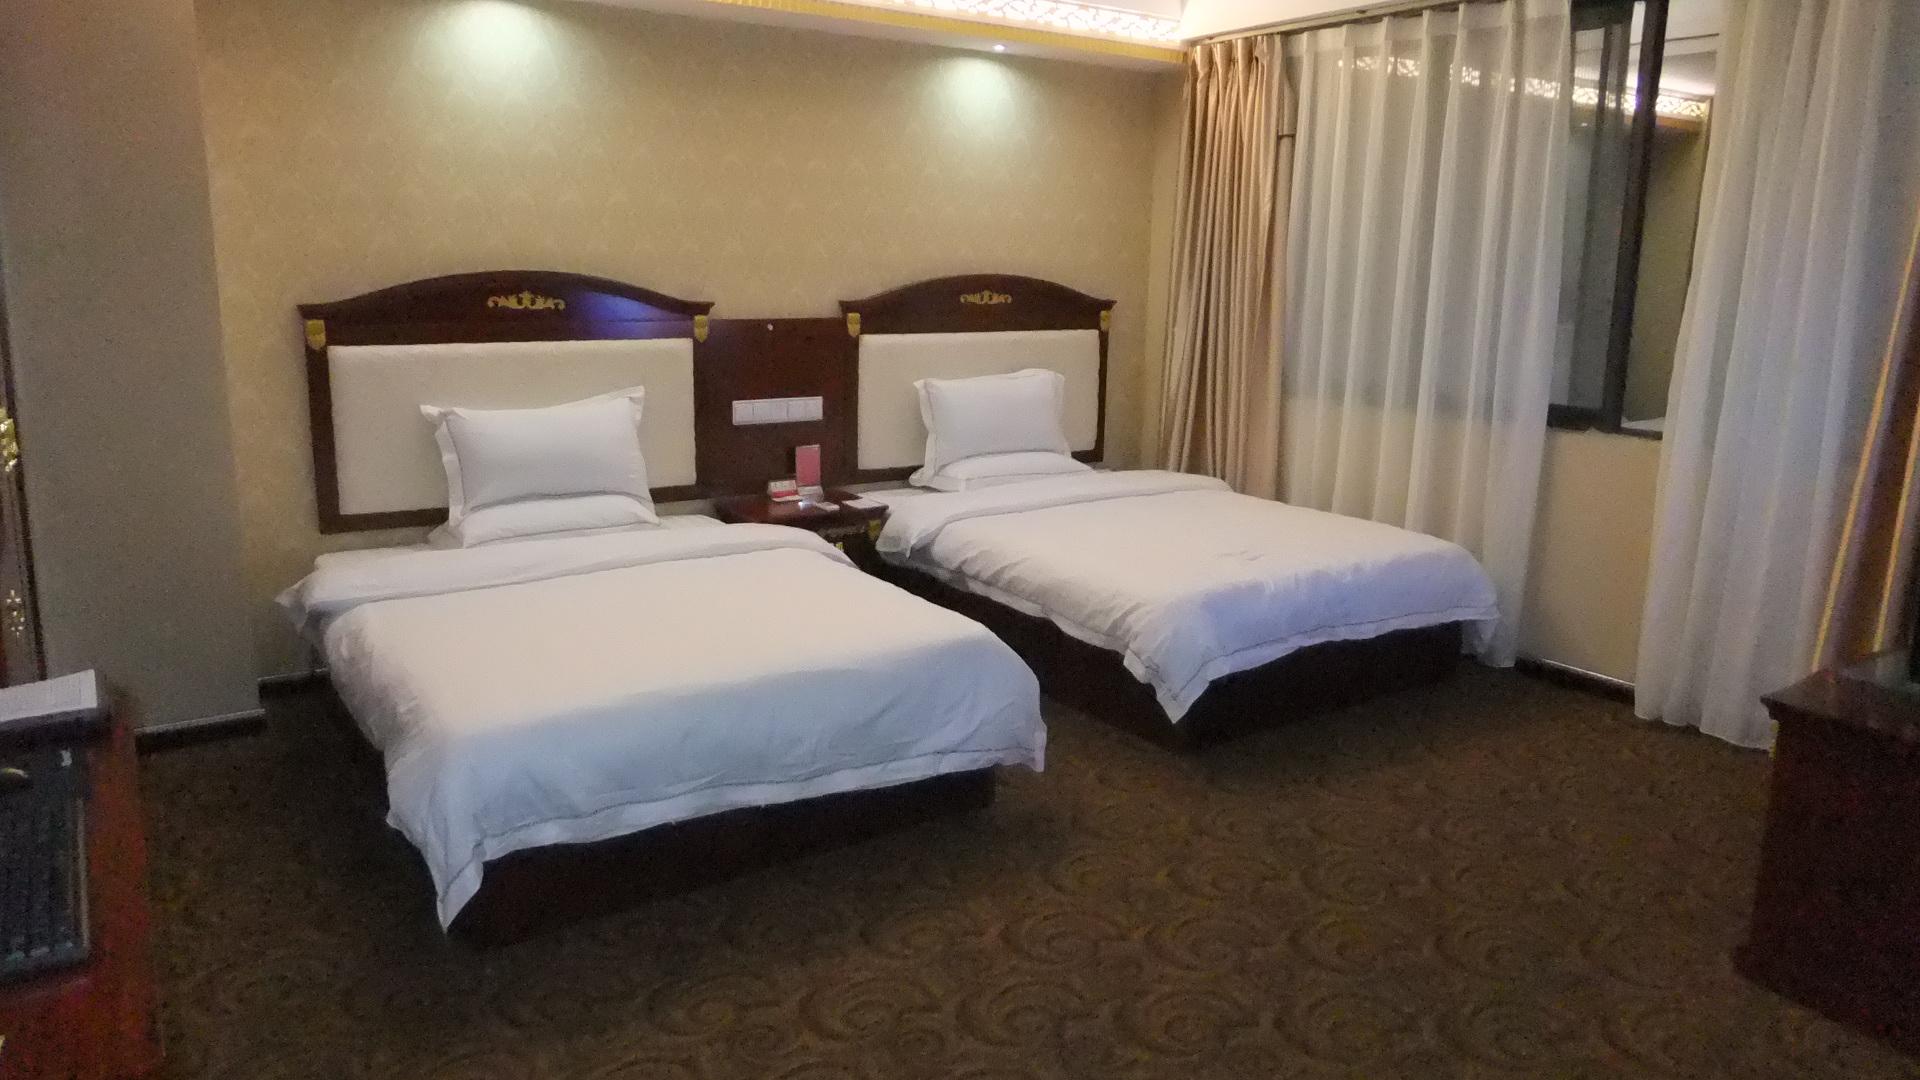 XI SHUANG BAN NA BANG HAI HOTEL